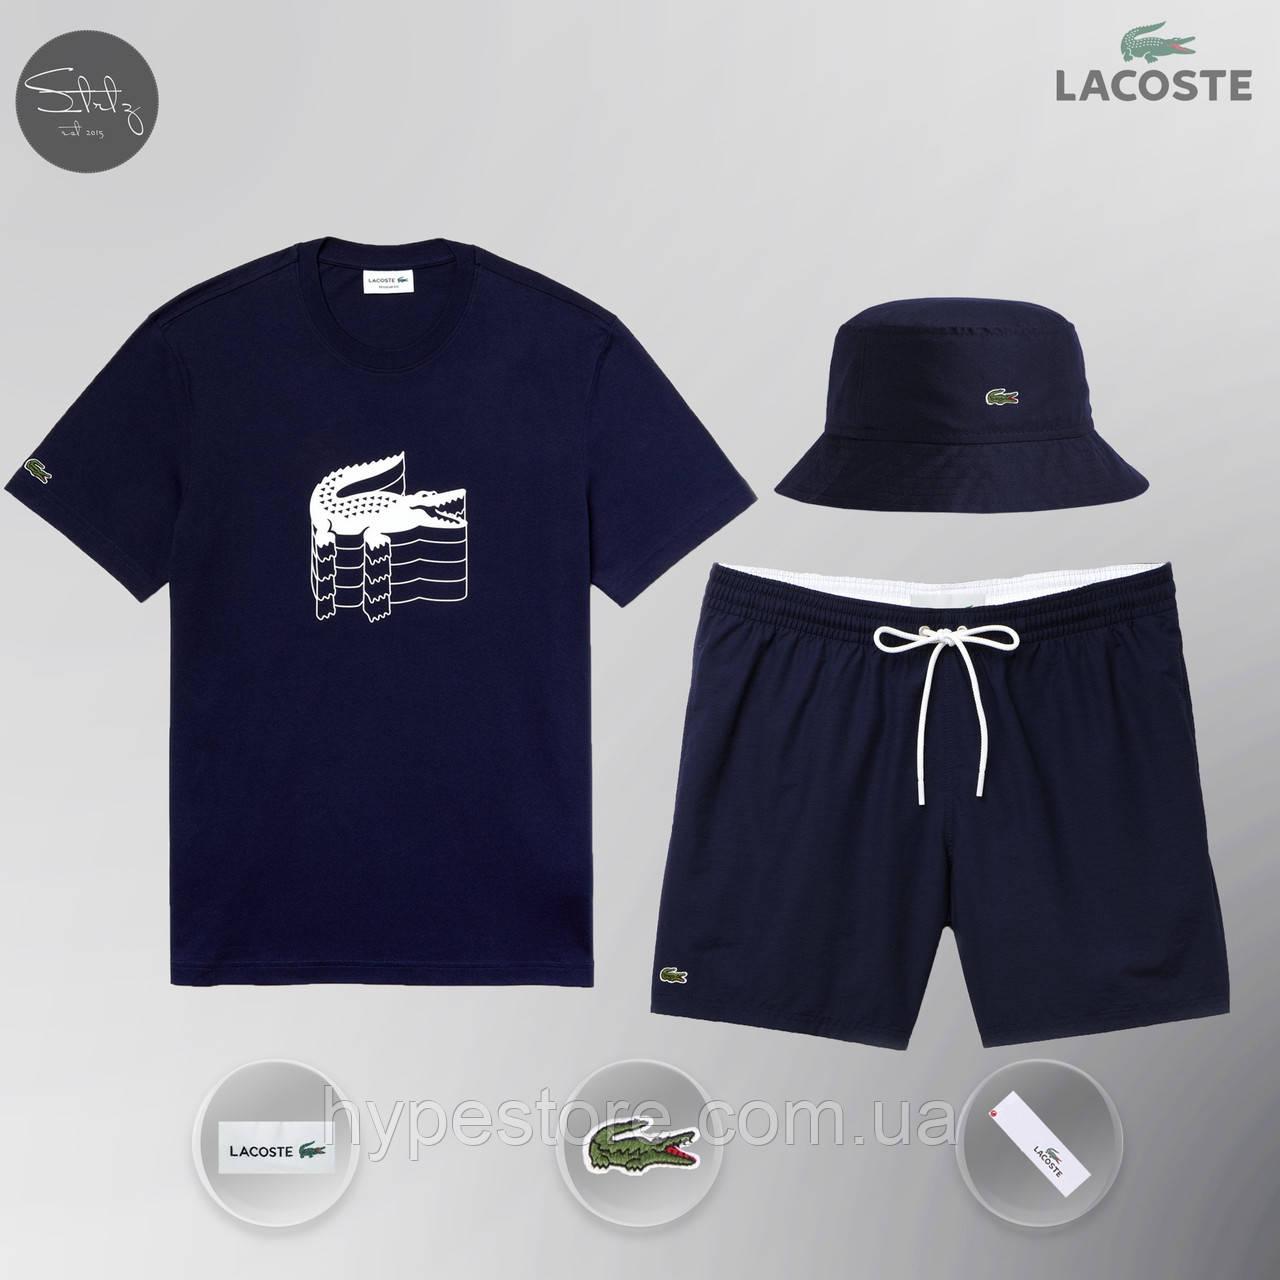 Мужской спортивный костюм лето, пляжный комплект Lacoste Flesh, шорты+футболка, панама, Реплика (темно-синий)